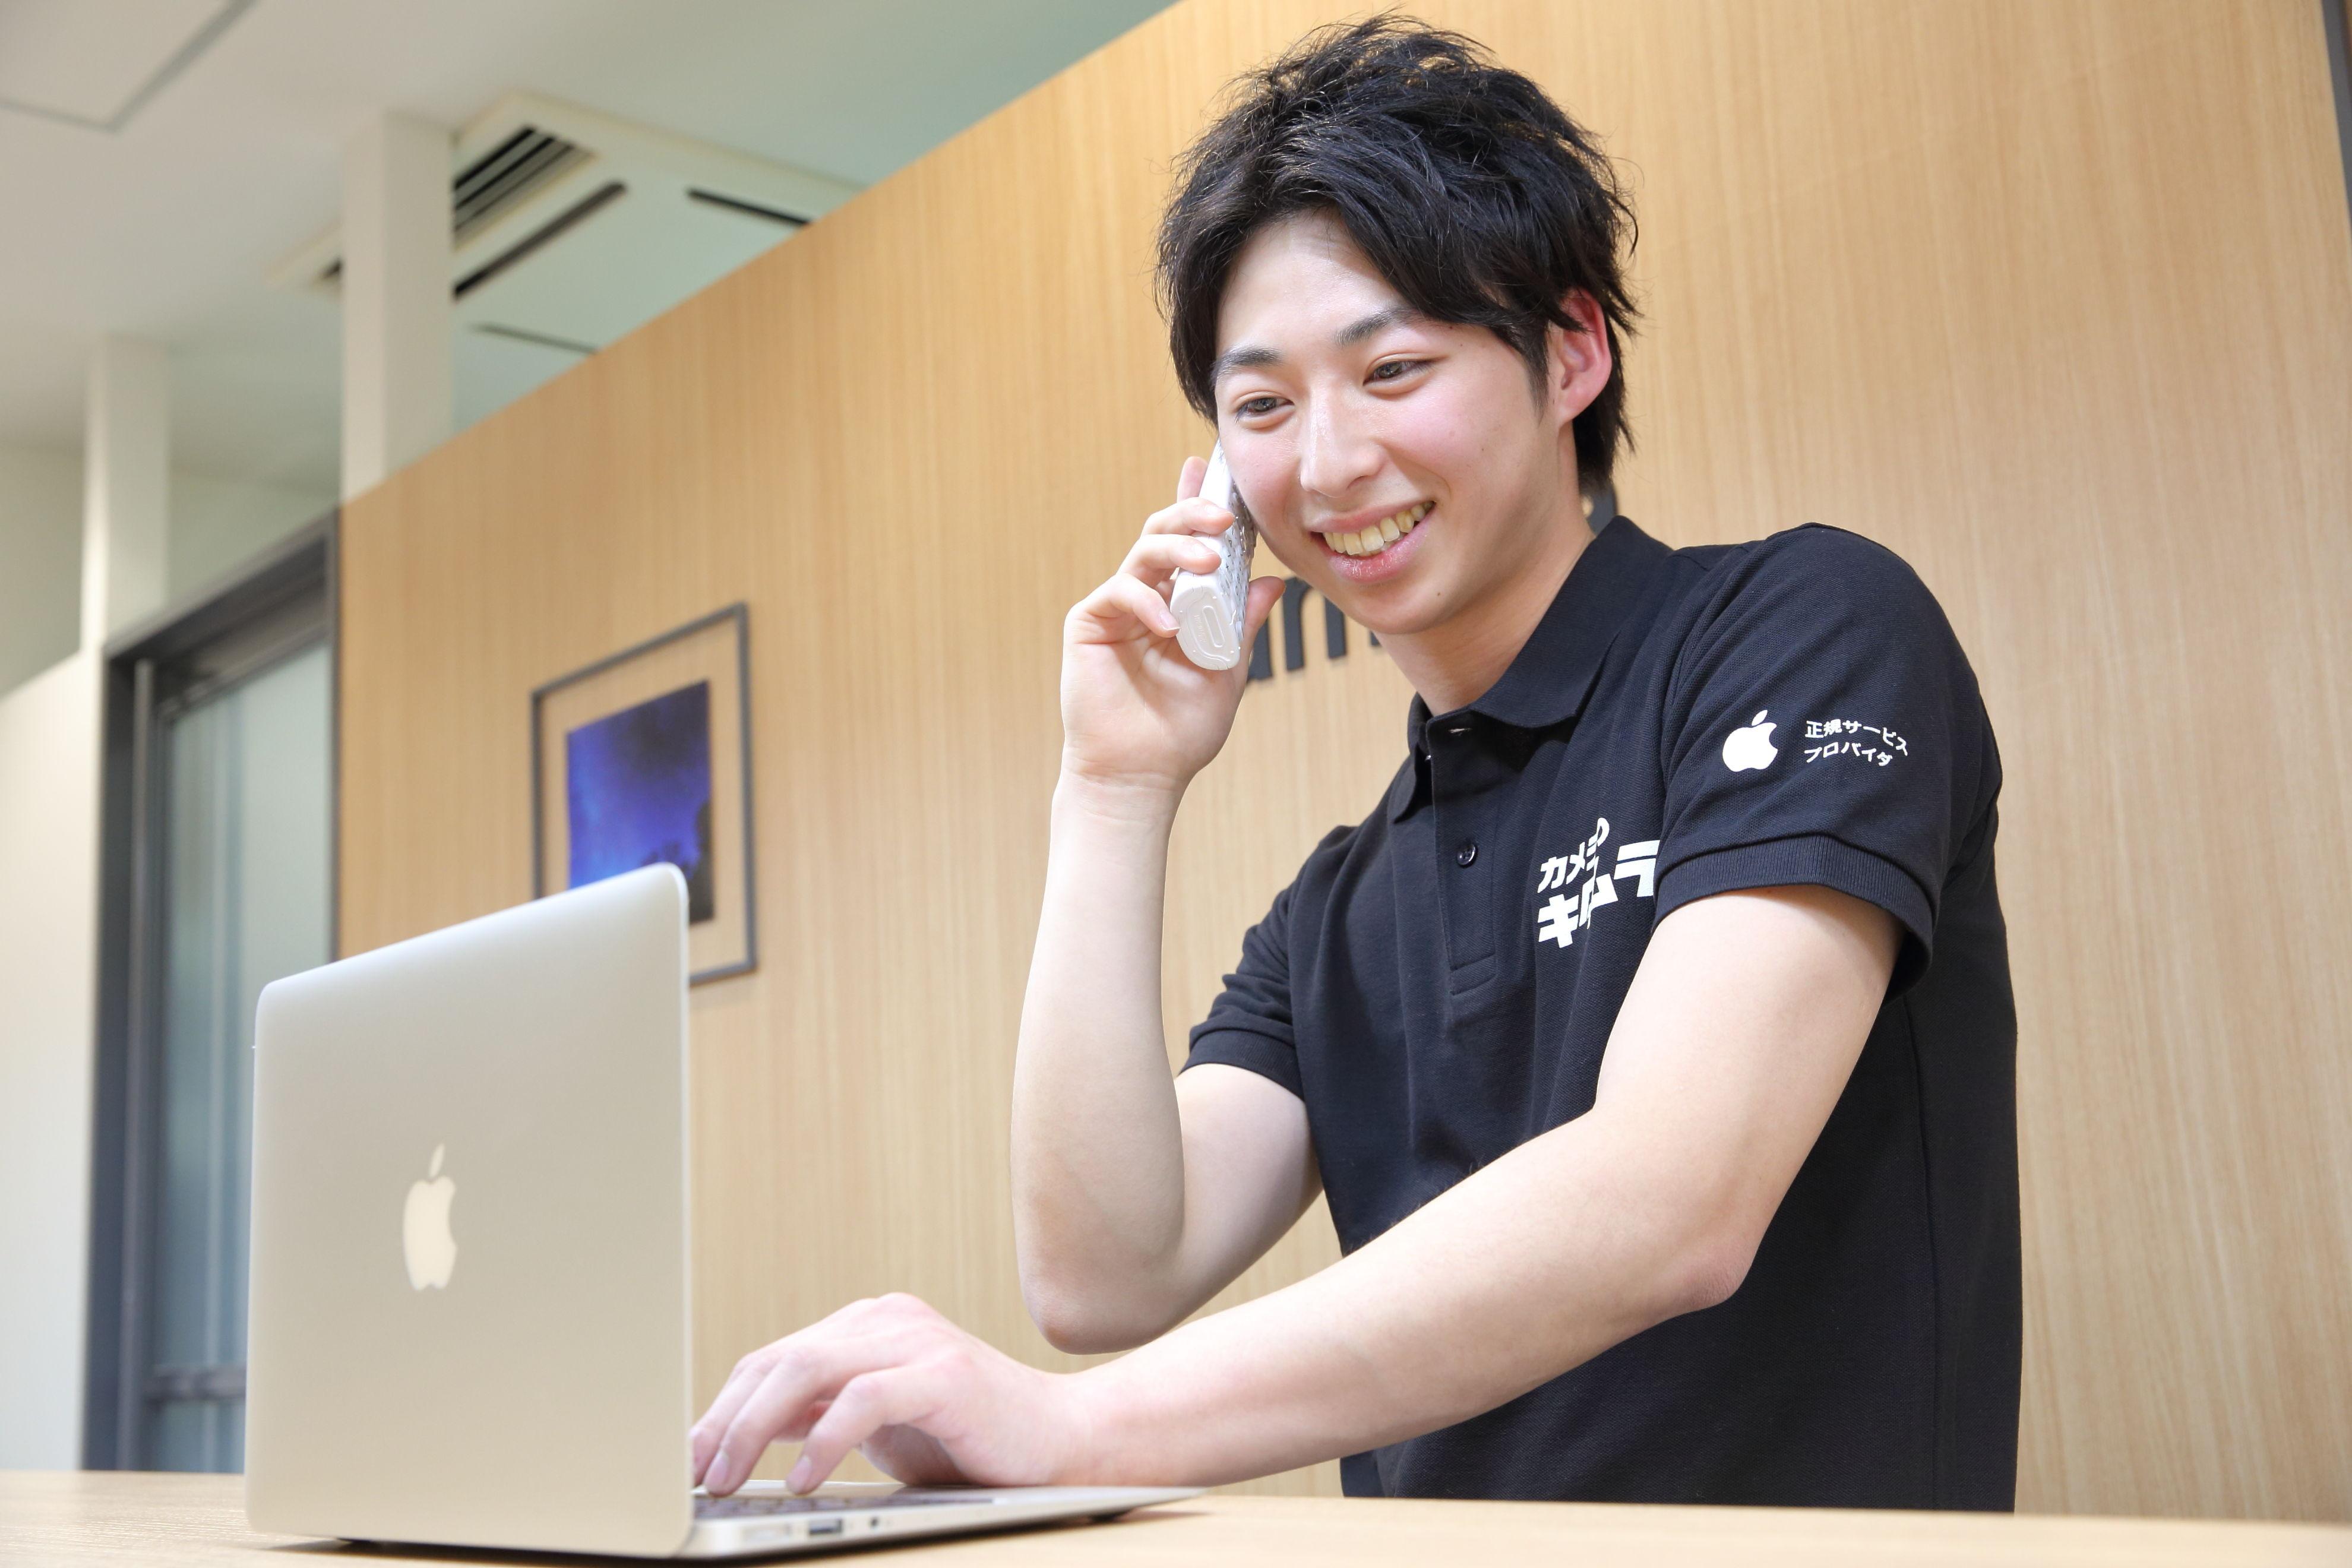 カメラのキタムラ アップル製品サービス 佐賀/南部バイパス店 のアルバイト情報